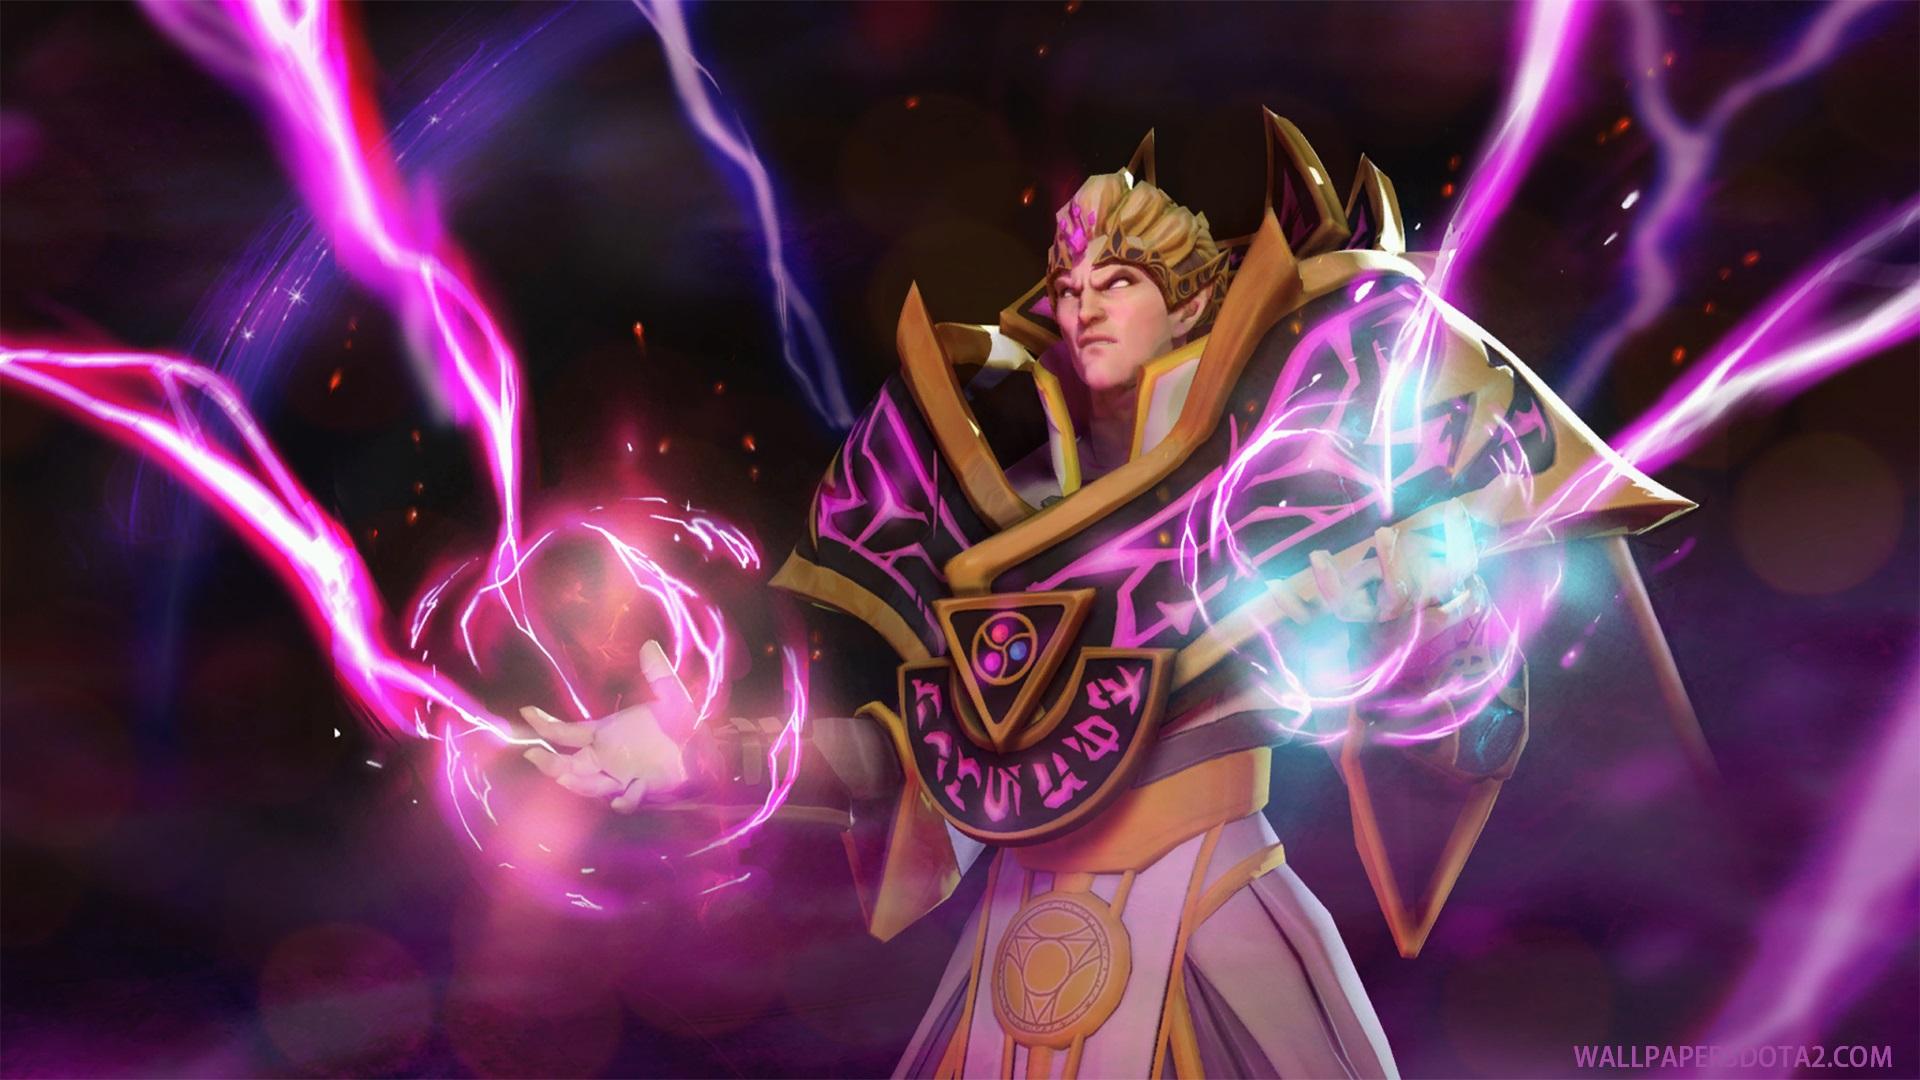 Invoker Sinister Lightning Dota 2 desktop wallpaper high resolution